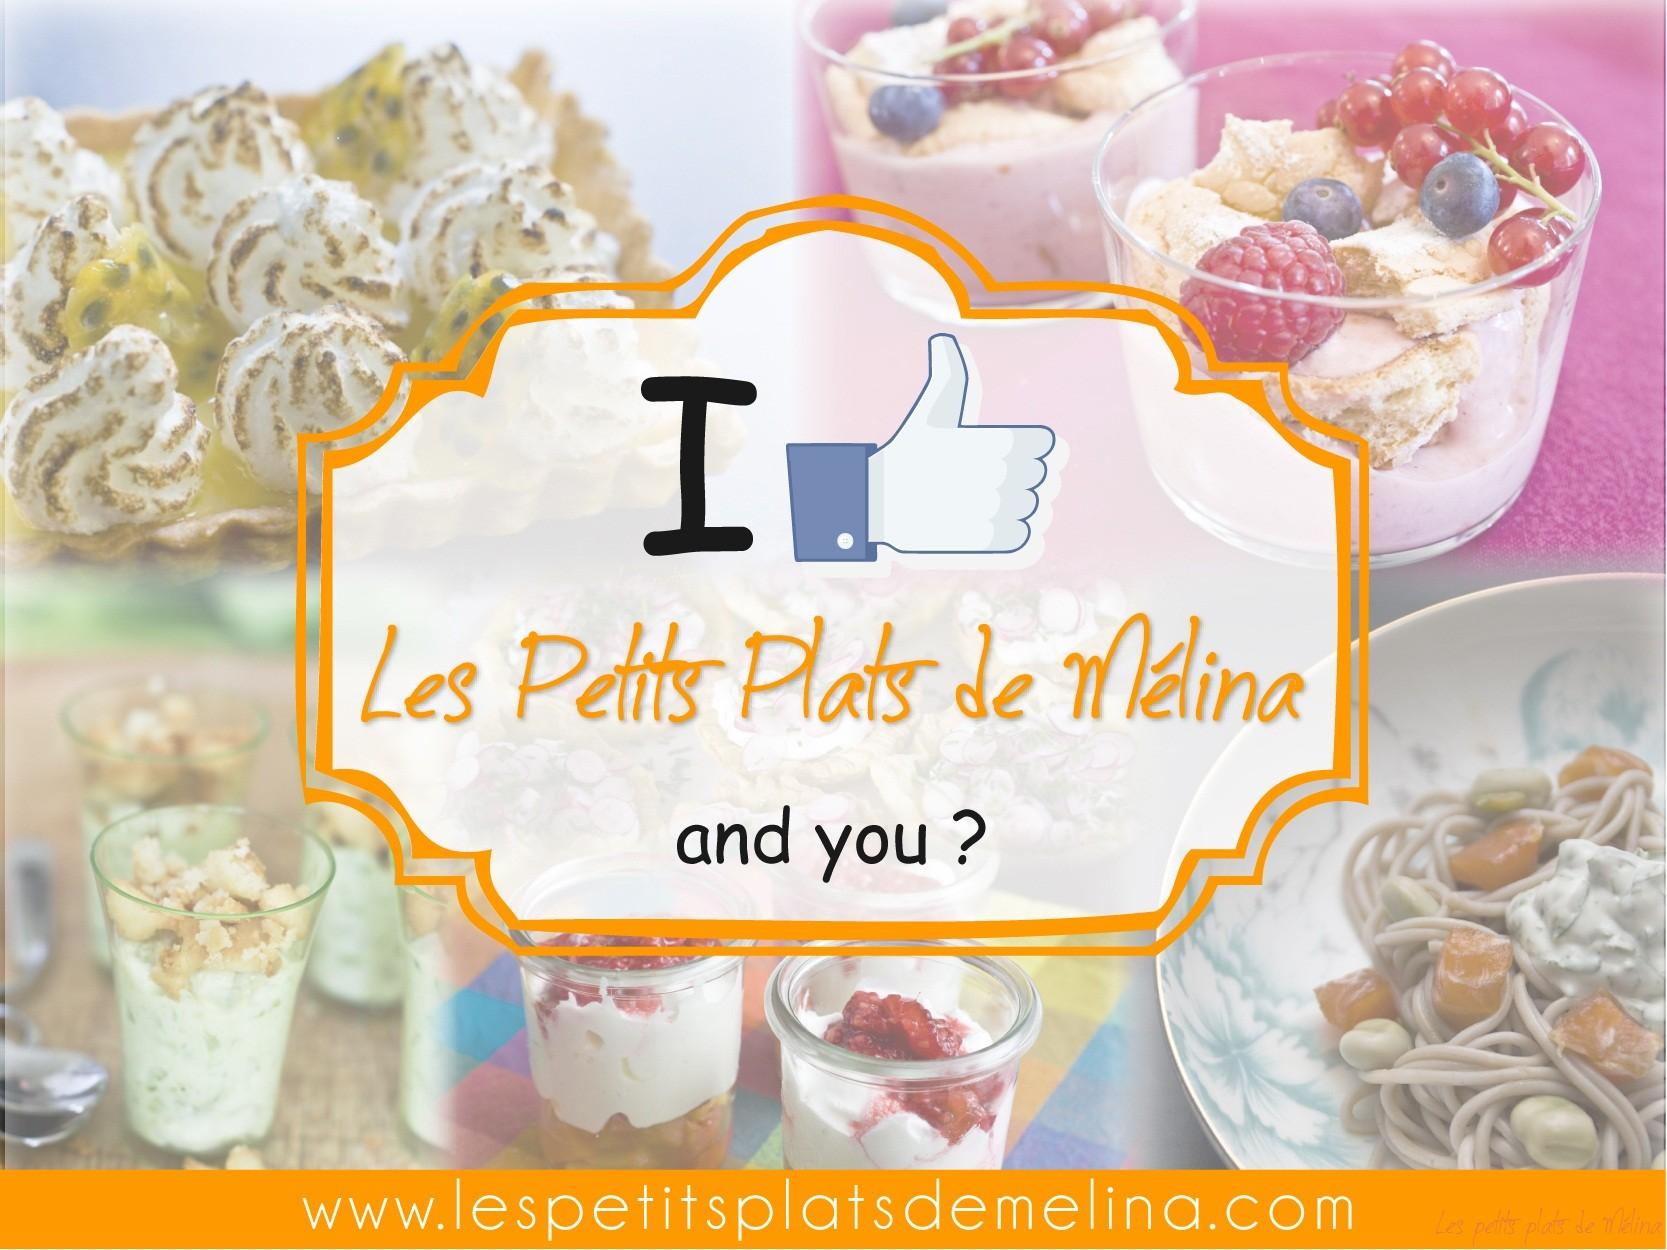 I like LPPDM - les Petits Plats de Mélina